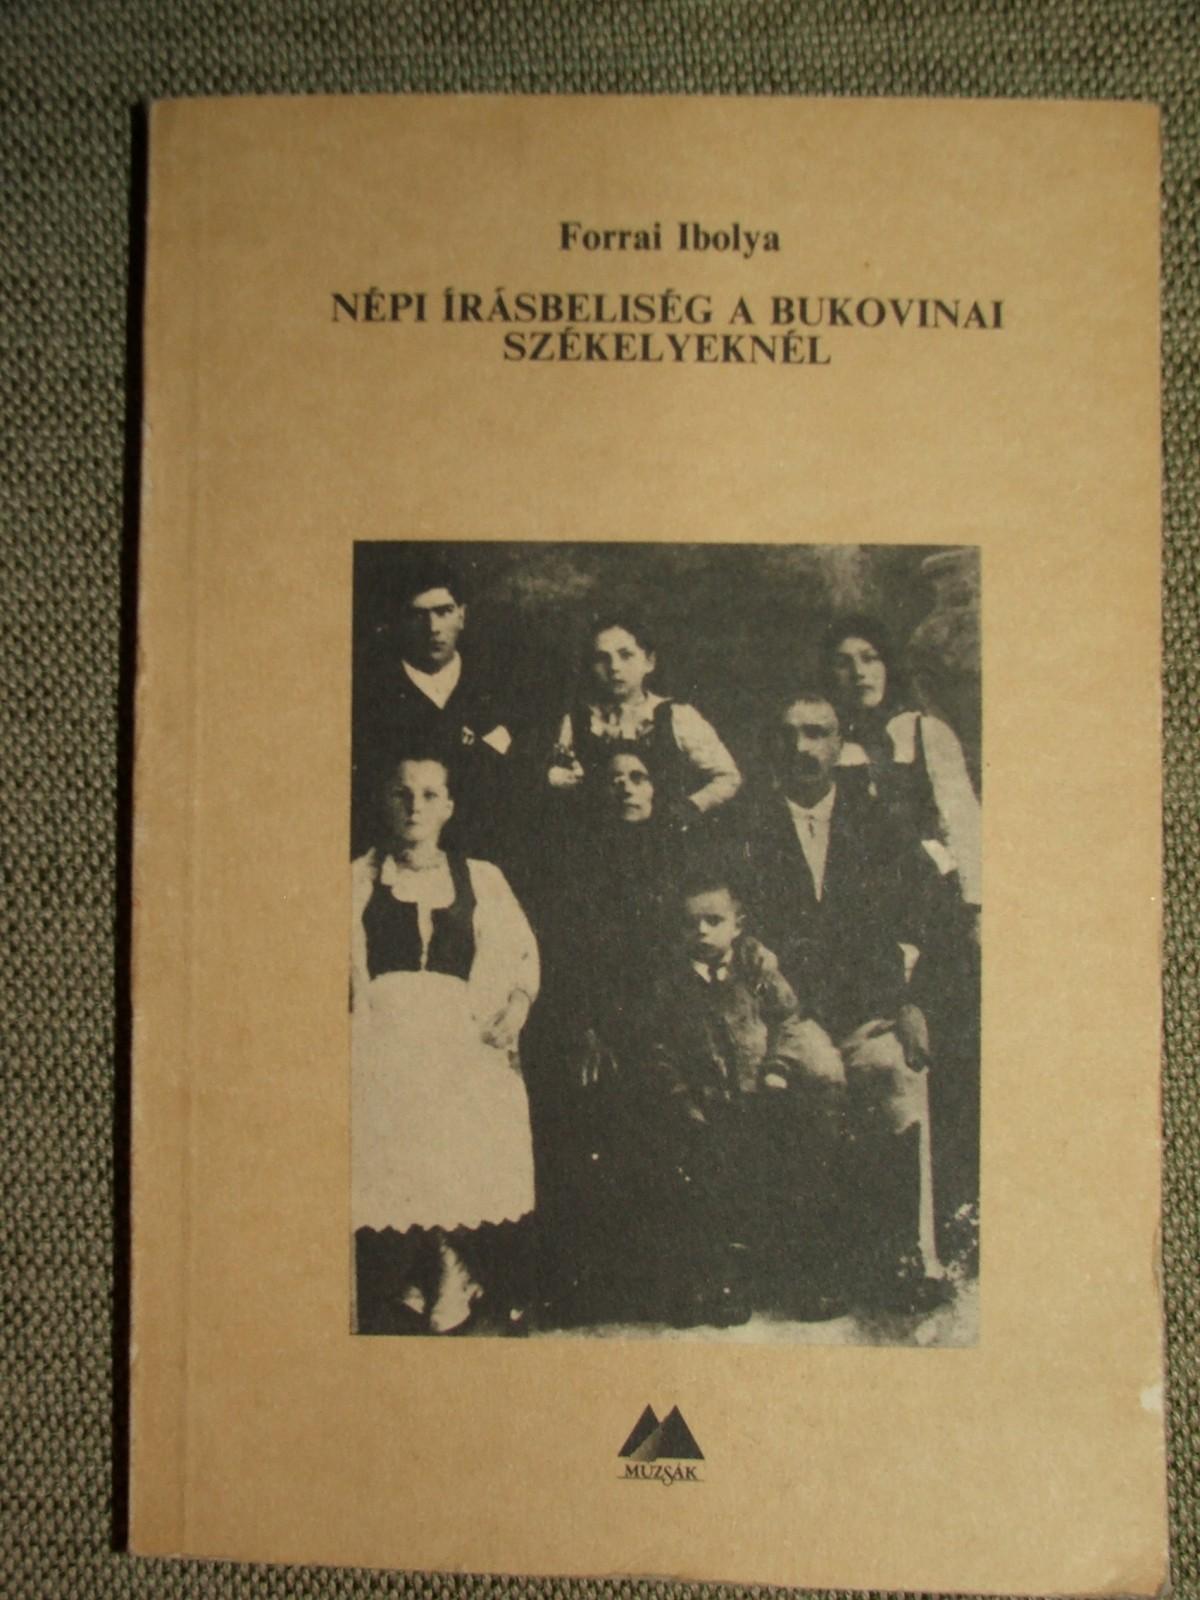 FORRAI Ibolya: Népi írásbeliség a bukovinai székelyeknél